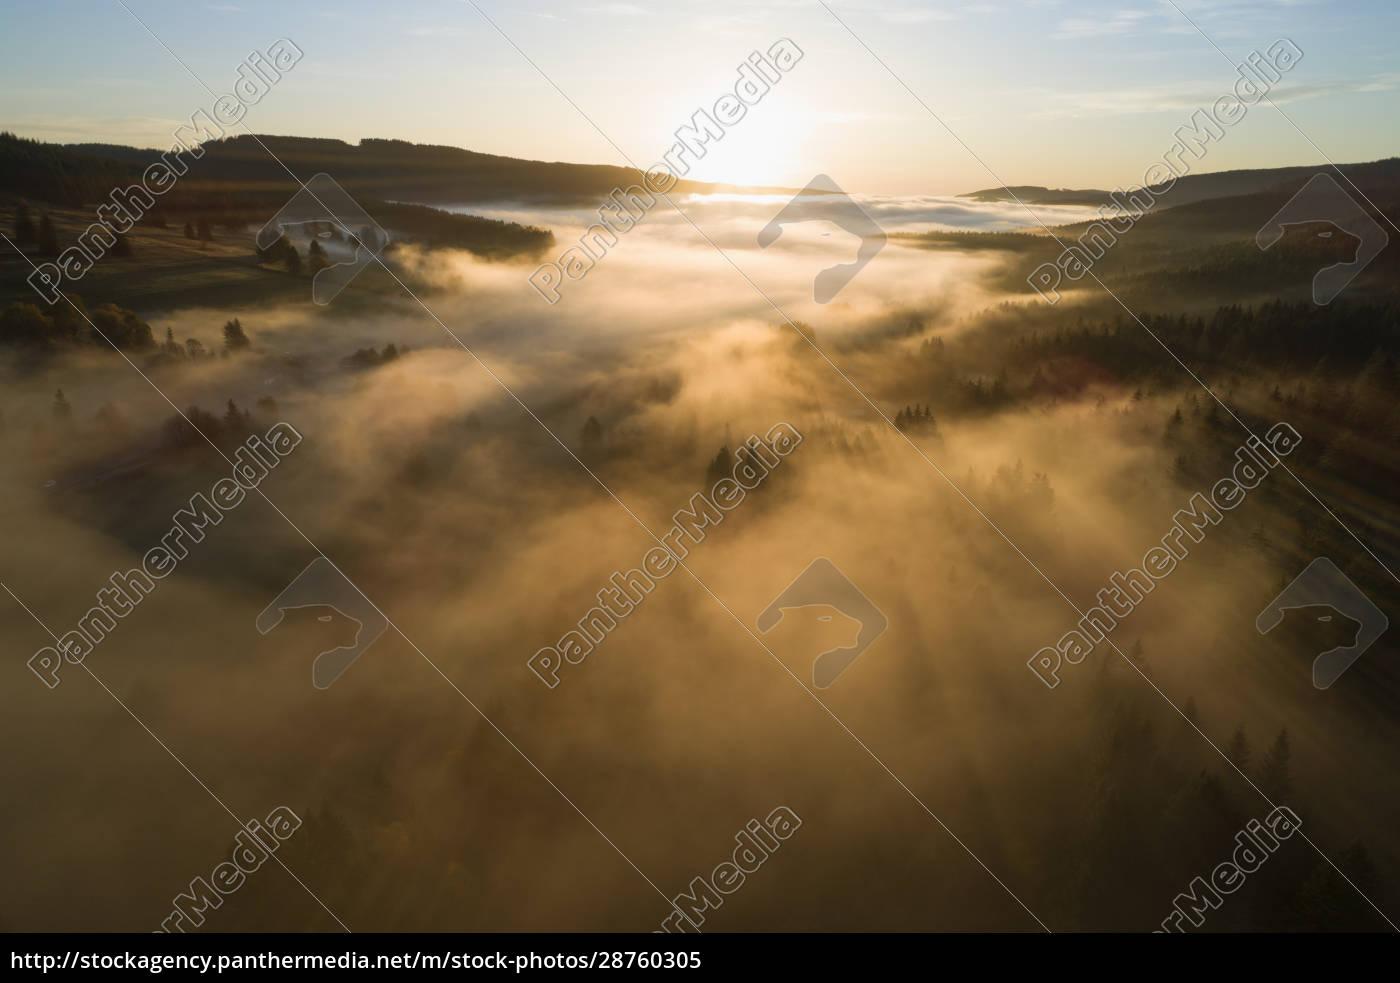 deutschland, baden-württemberg, drohnenansicht, des, schluchsees, bei, sonnenaufgang, in - 28760305